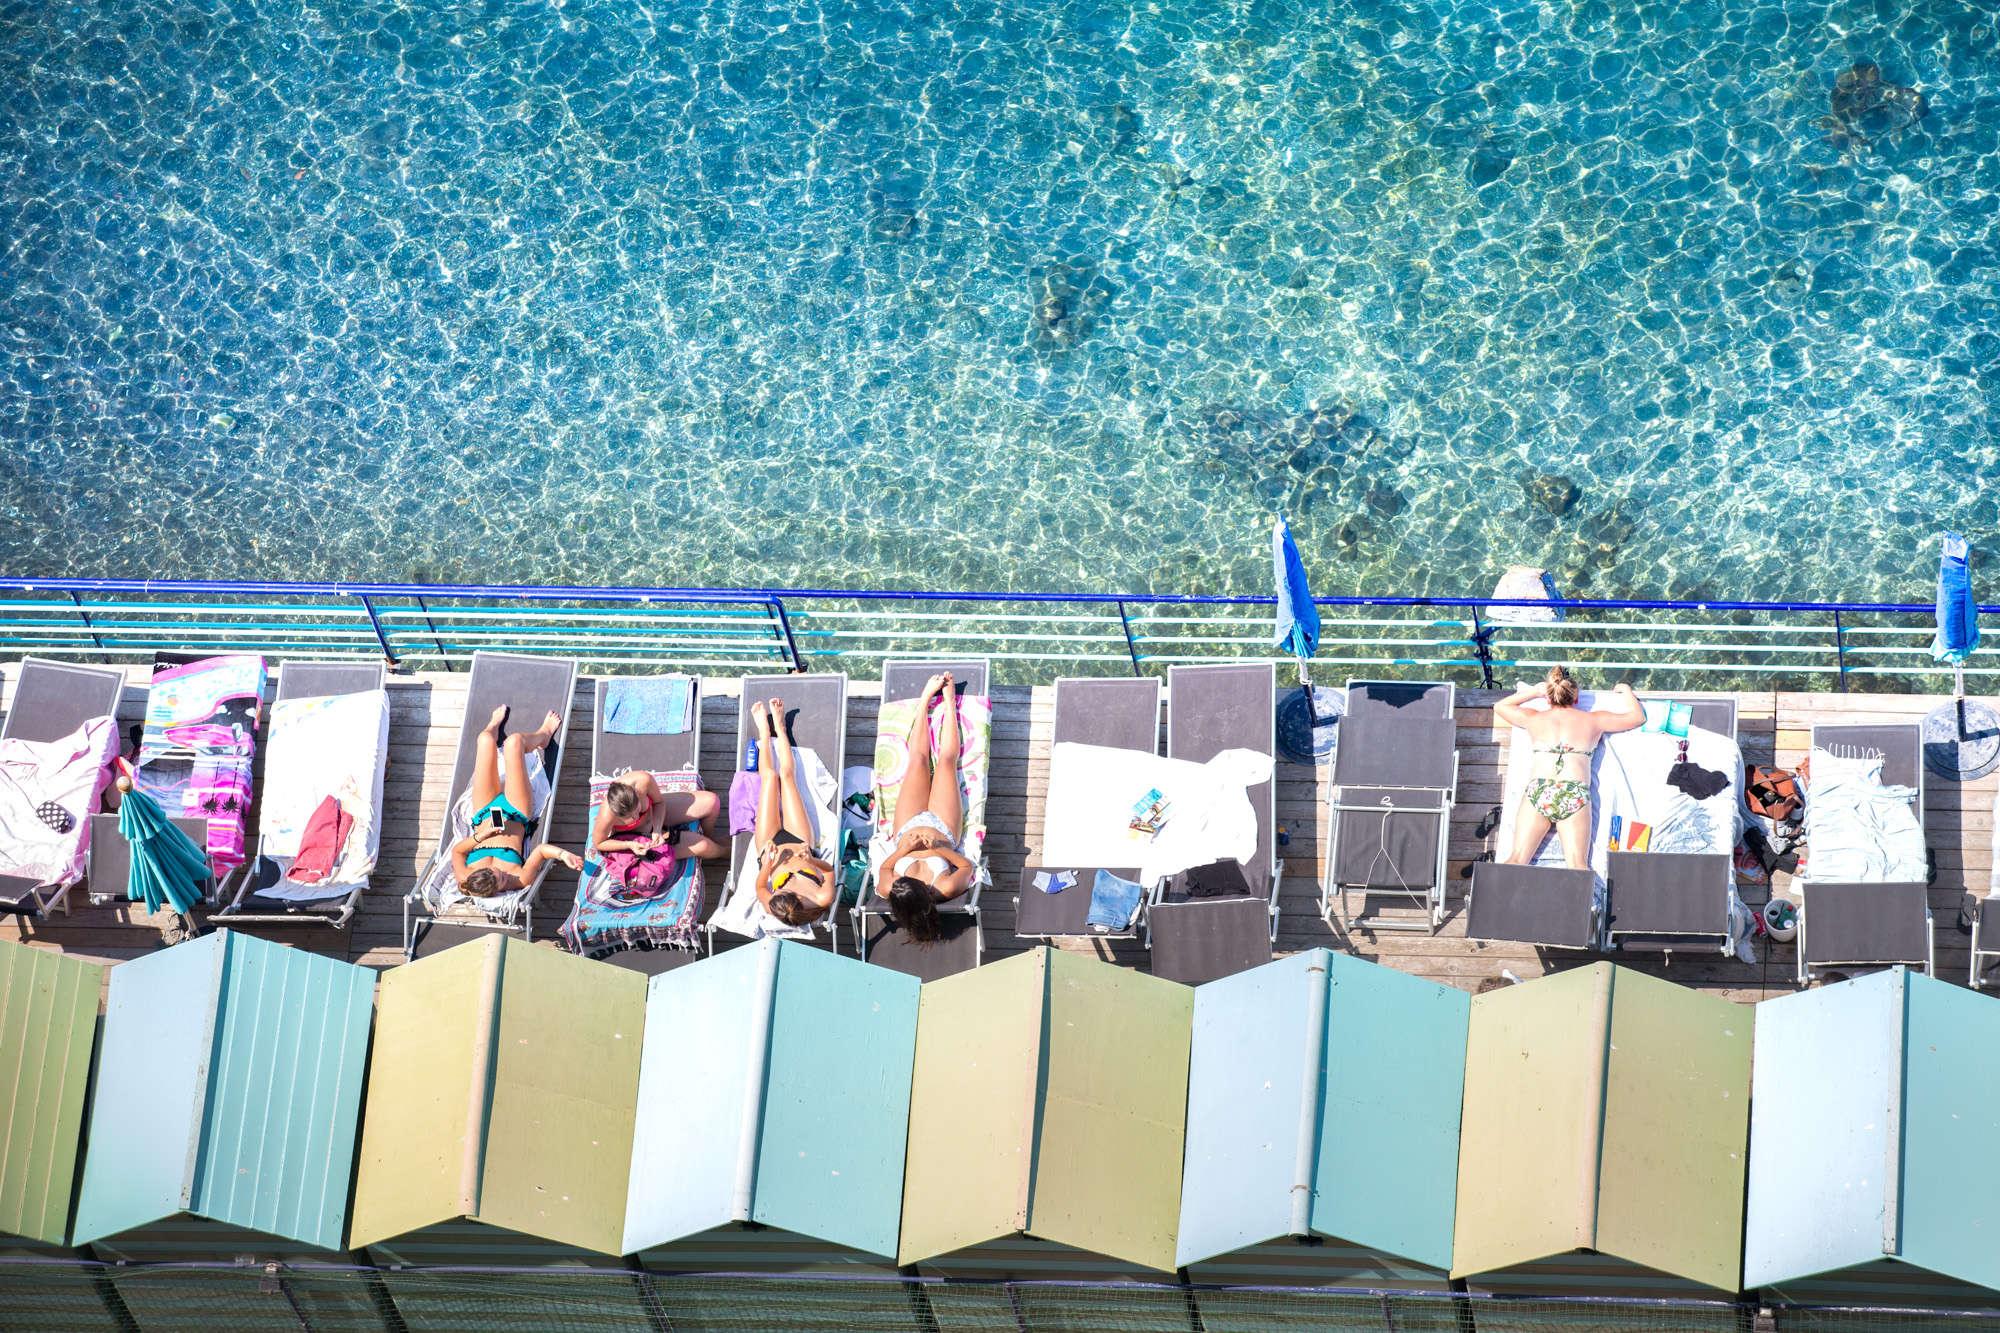 Anthony Glick - Seaside Sheds